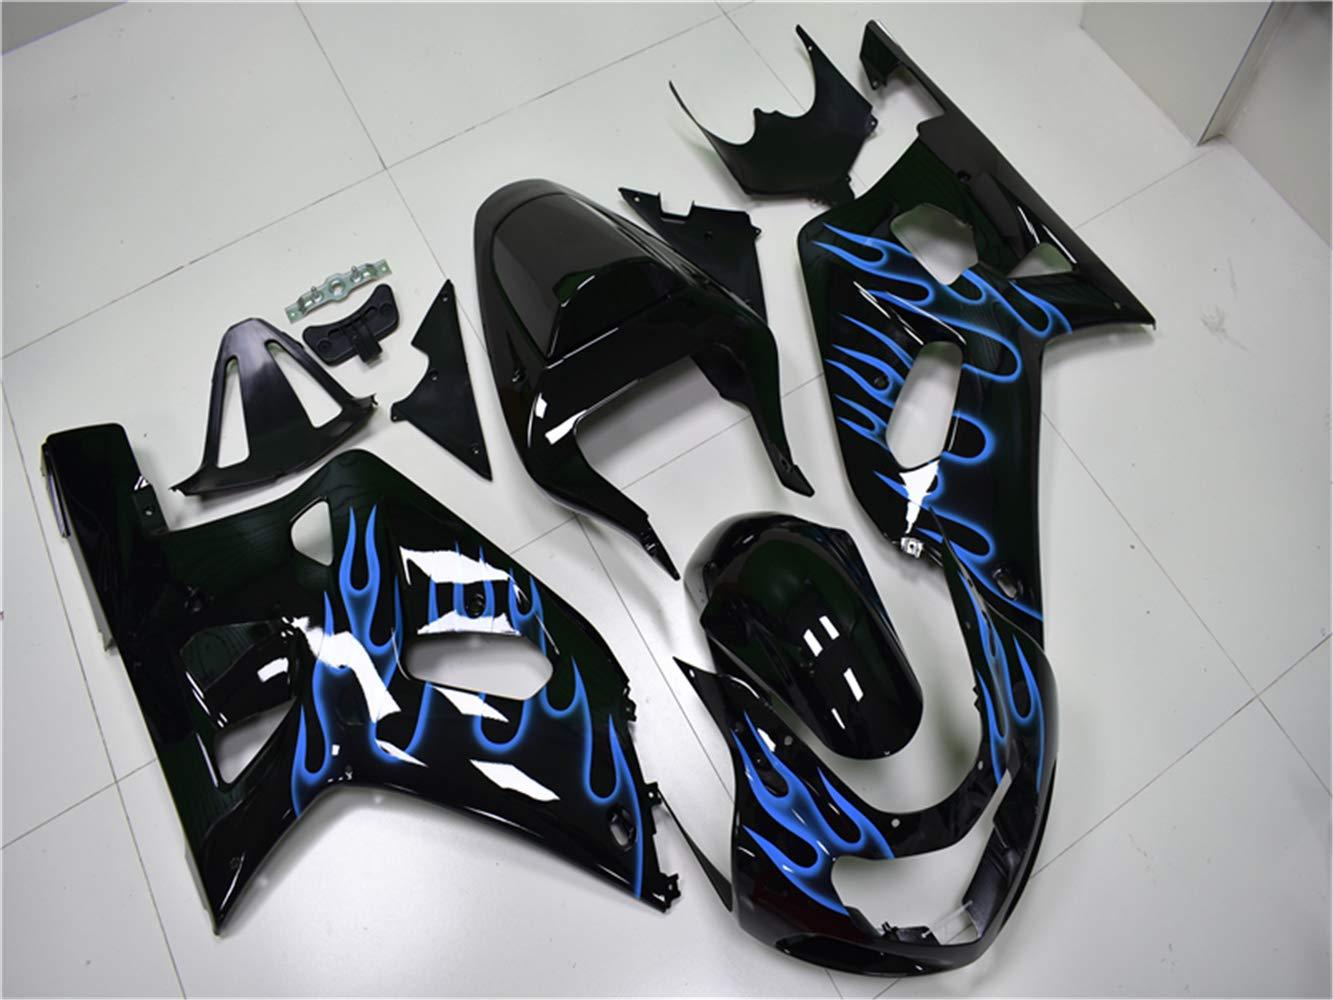 New Matte Black Fairing Fit for SUZUKI 2001 2002 2003 GSXR 600 750 Injection Mold ABS Plastics Aftermarket Bodywork Bodyframe GSX-R 600//750 01 02 03